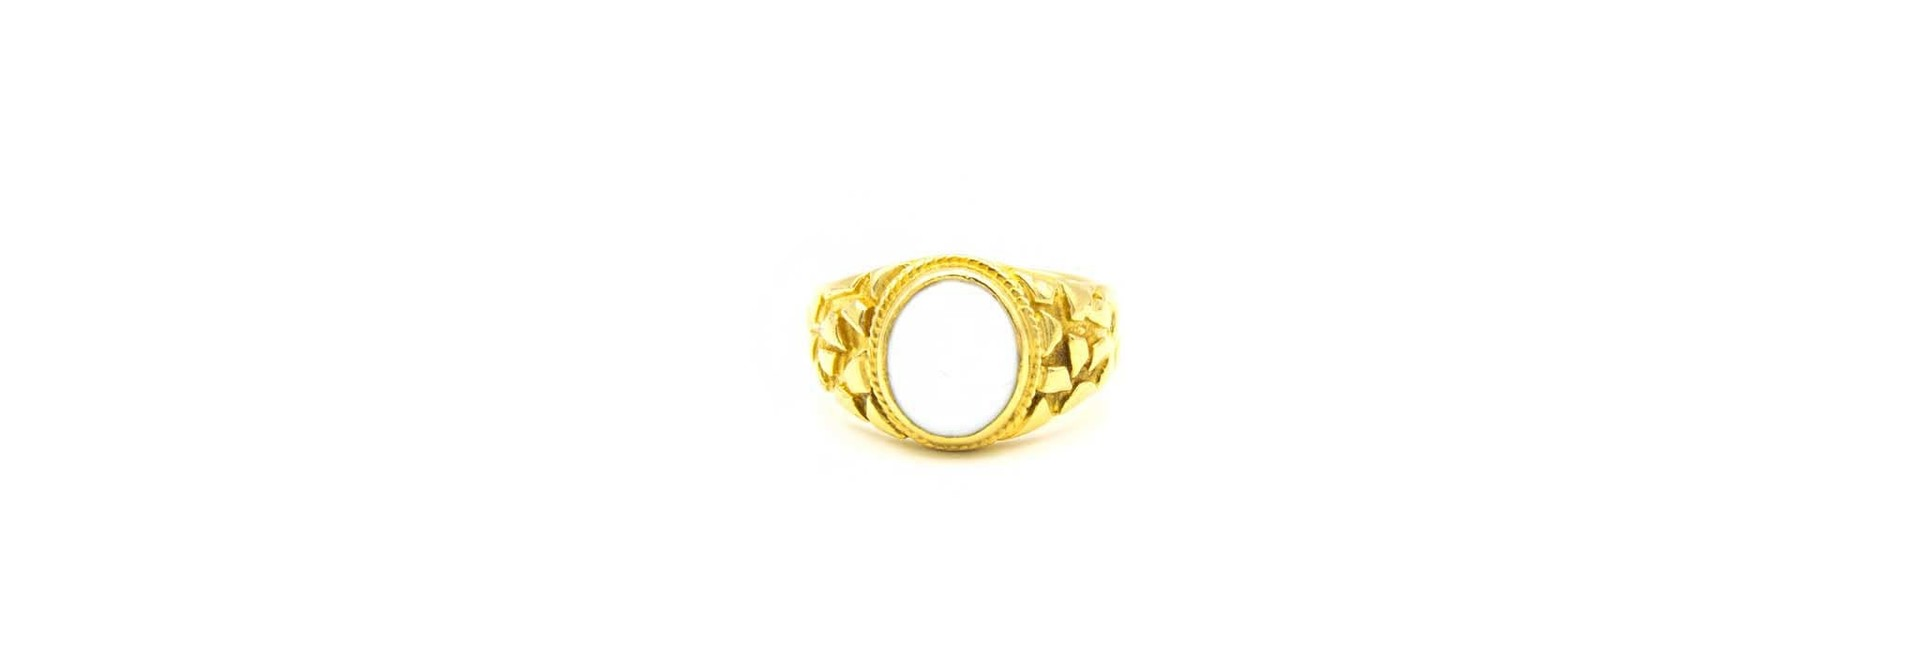 Ring met bewerkte zijkanten met ovale witte steen